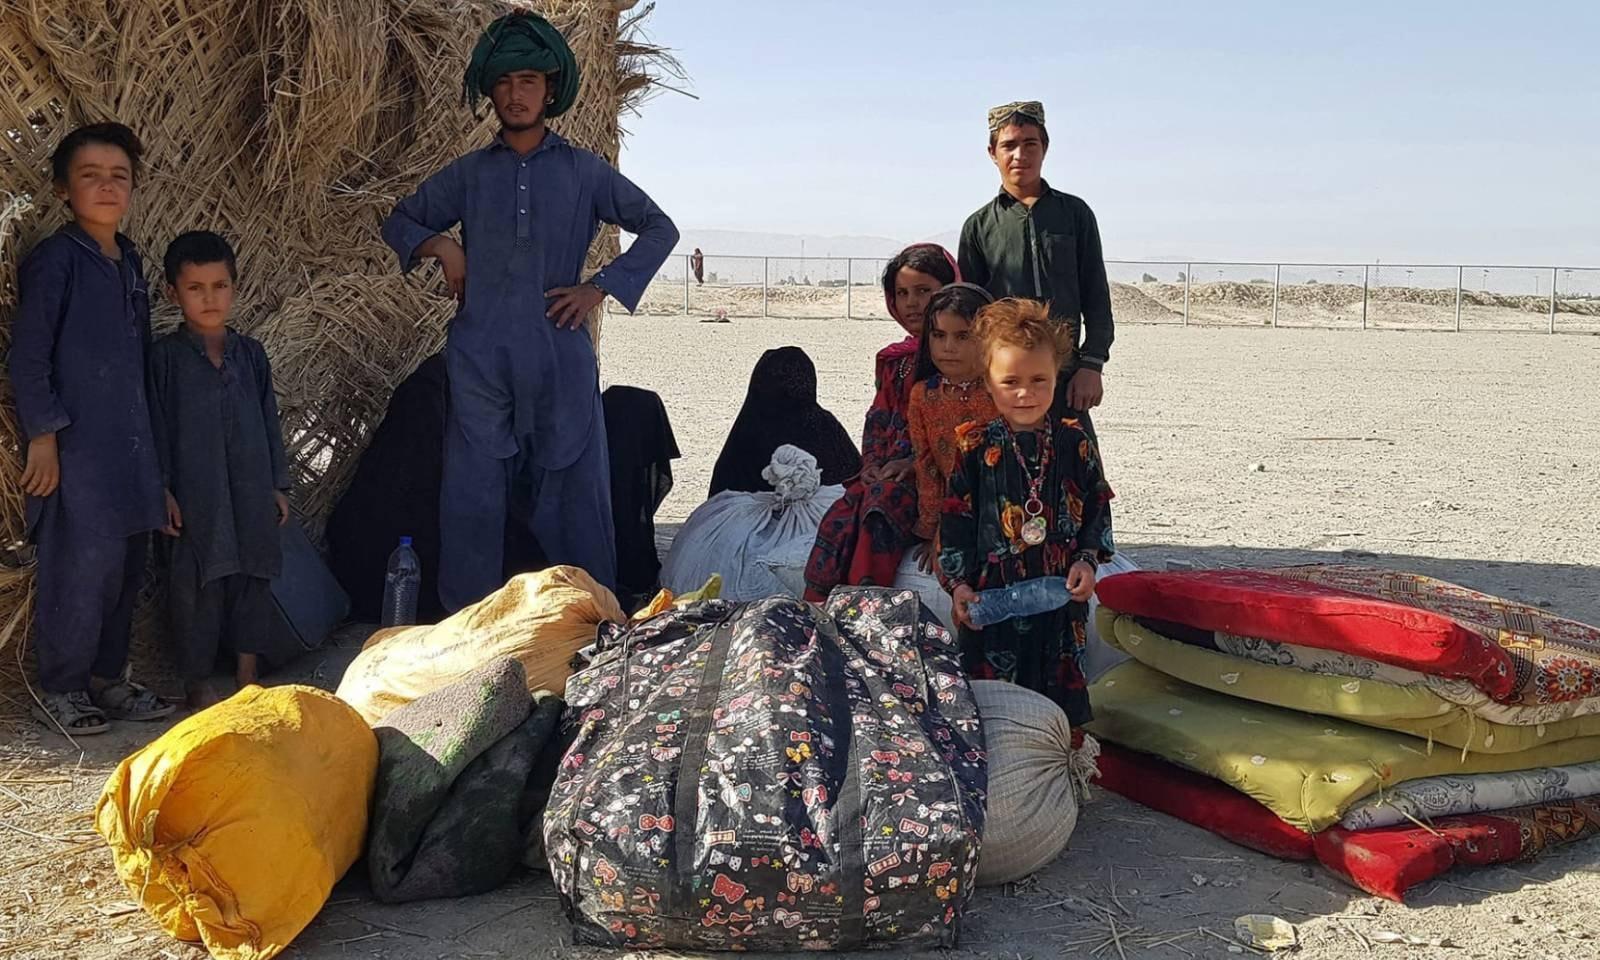 پاک افغان سرحد پر ایک افغان خاندان بارڈر کراسنگ کھلنے کا منتظر ہے — فوٹو: اے ایف پی